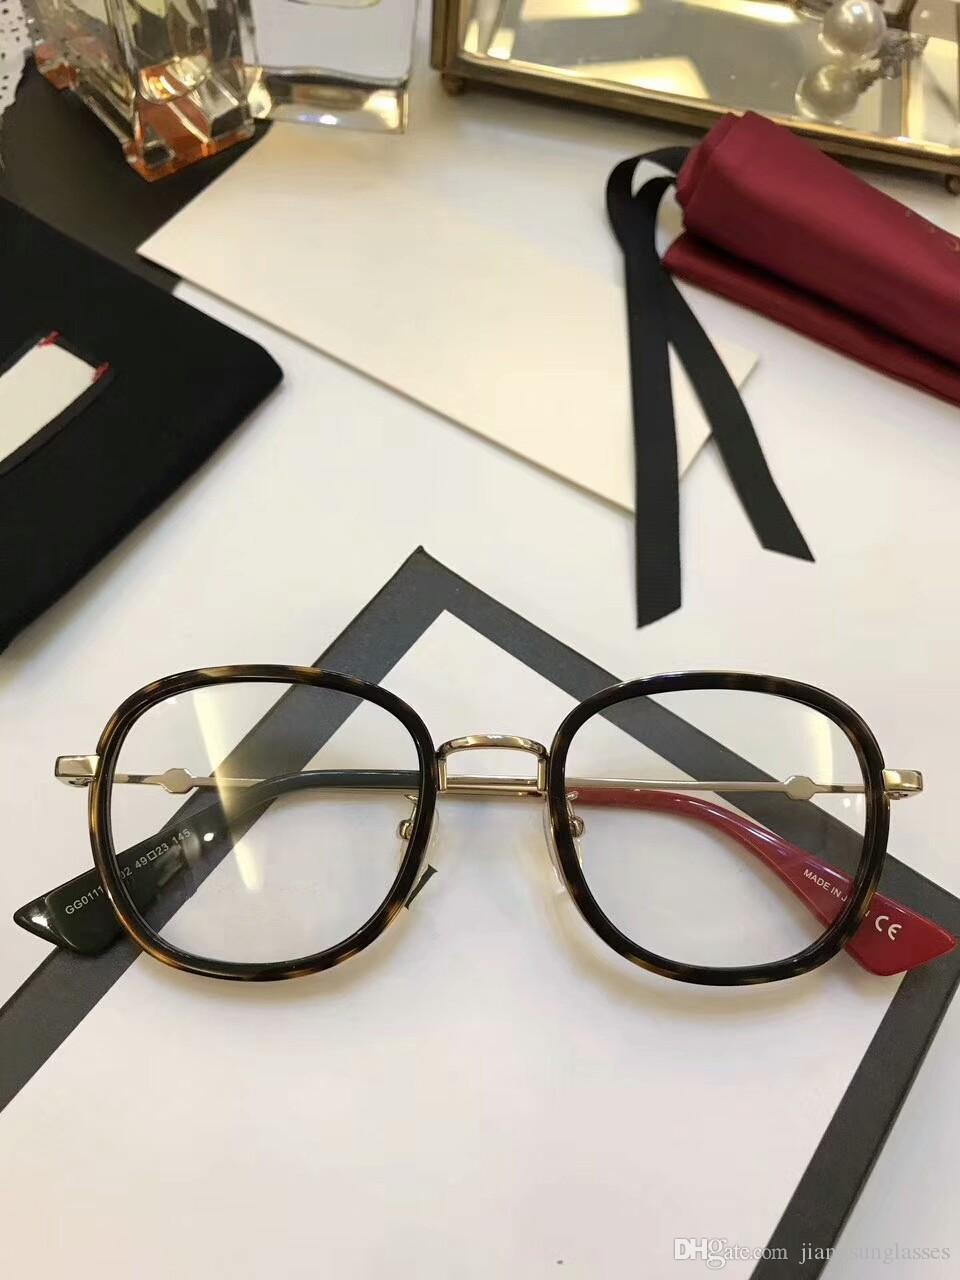 5571c22c24 2019 Brand Designer Prescription Glasses G01110 Men Womens Glasses Frame  Clear Lense Women Brand Designer Eyeglasses Frame From Jiangsunglasses